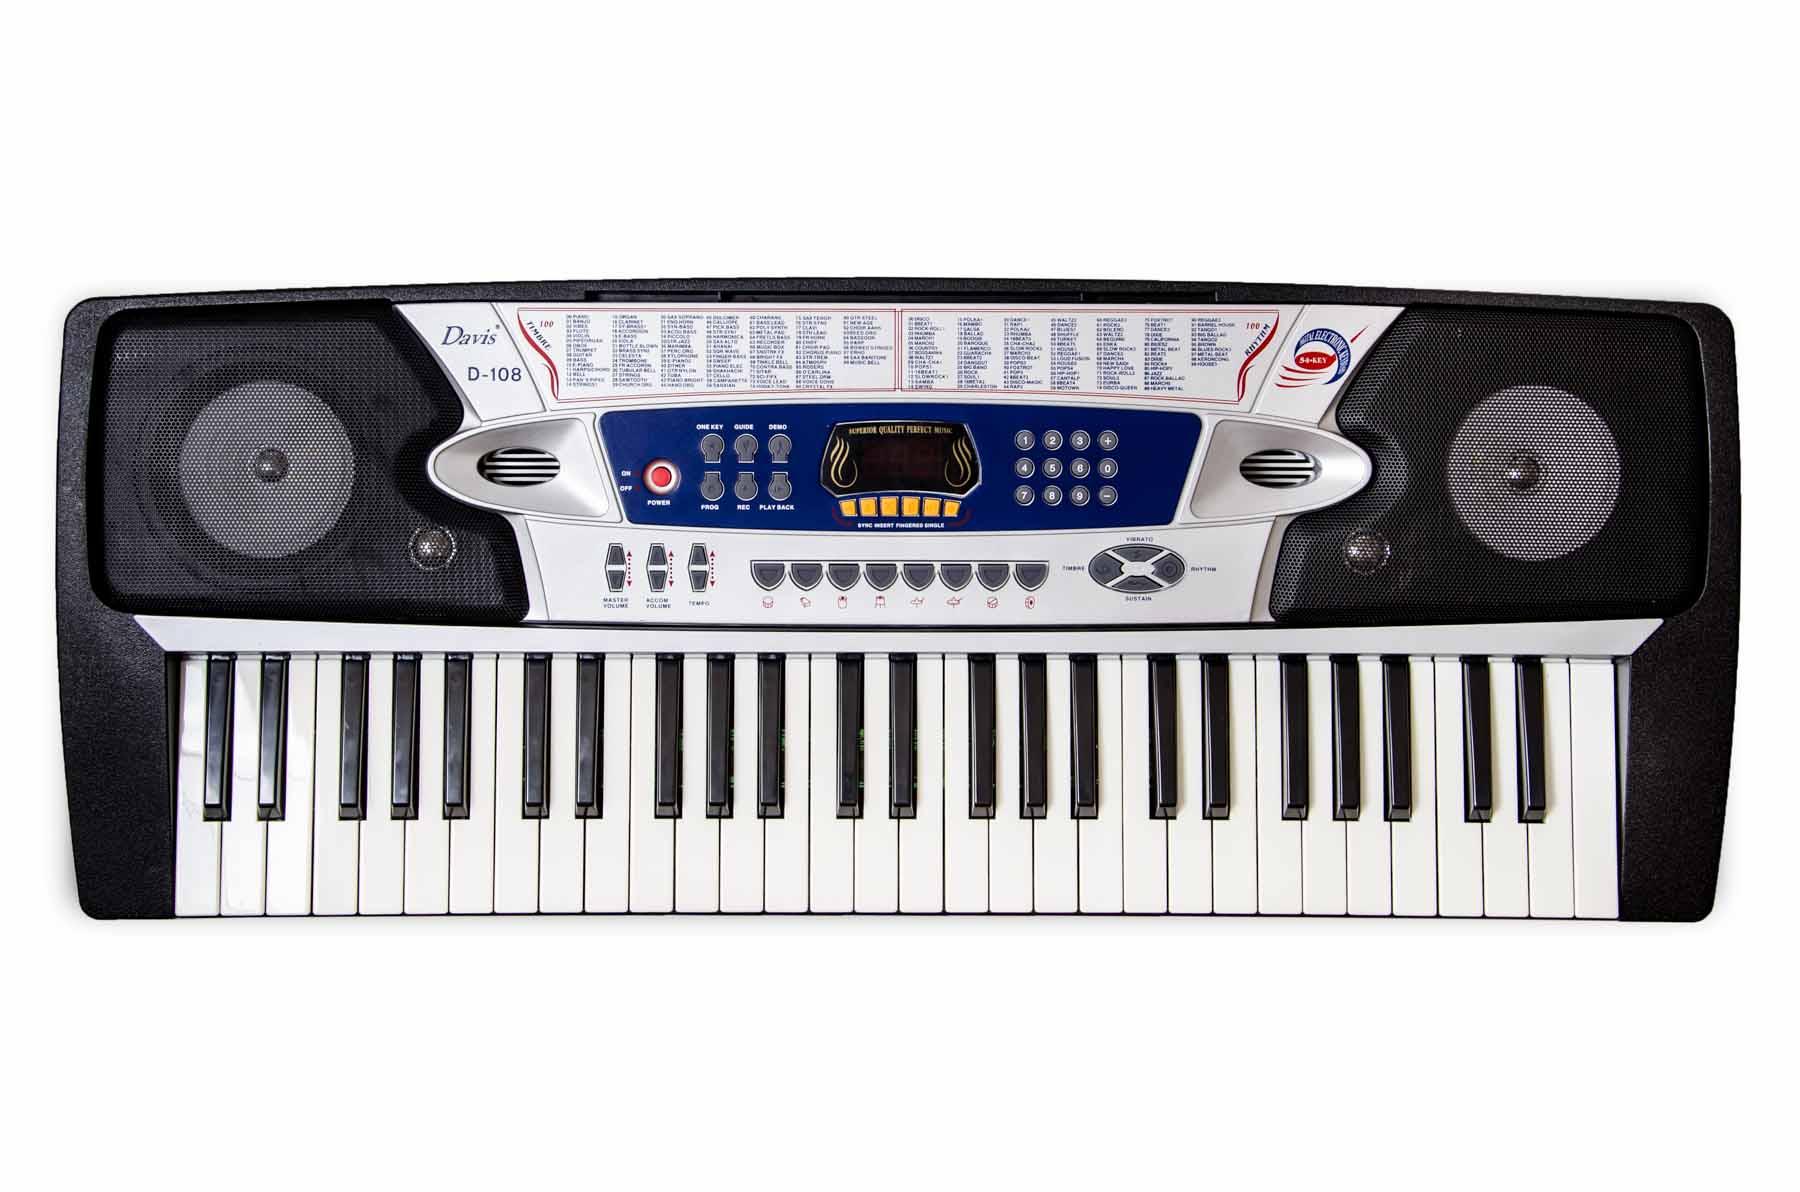 Davis Musical Instruments-D-108_0